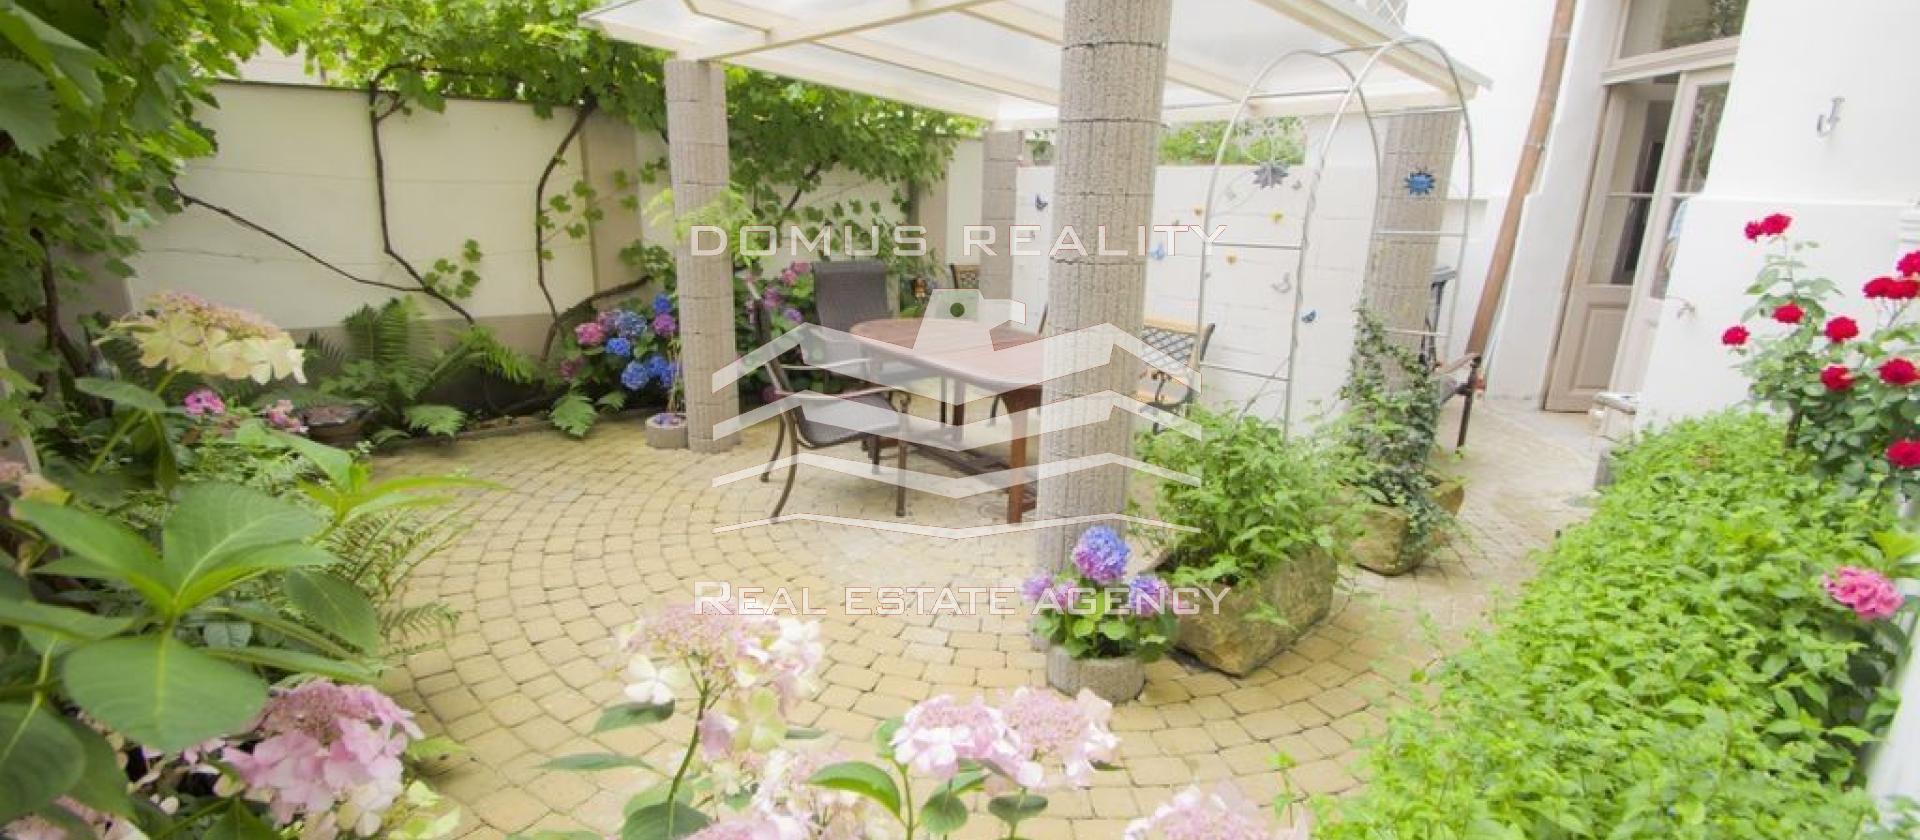 Luxusní, kompletně nově zrekonstruovaný, příjemně světlý a velmi prostorný byt 4+1